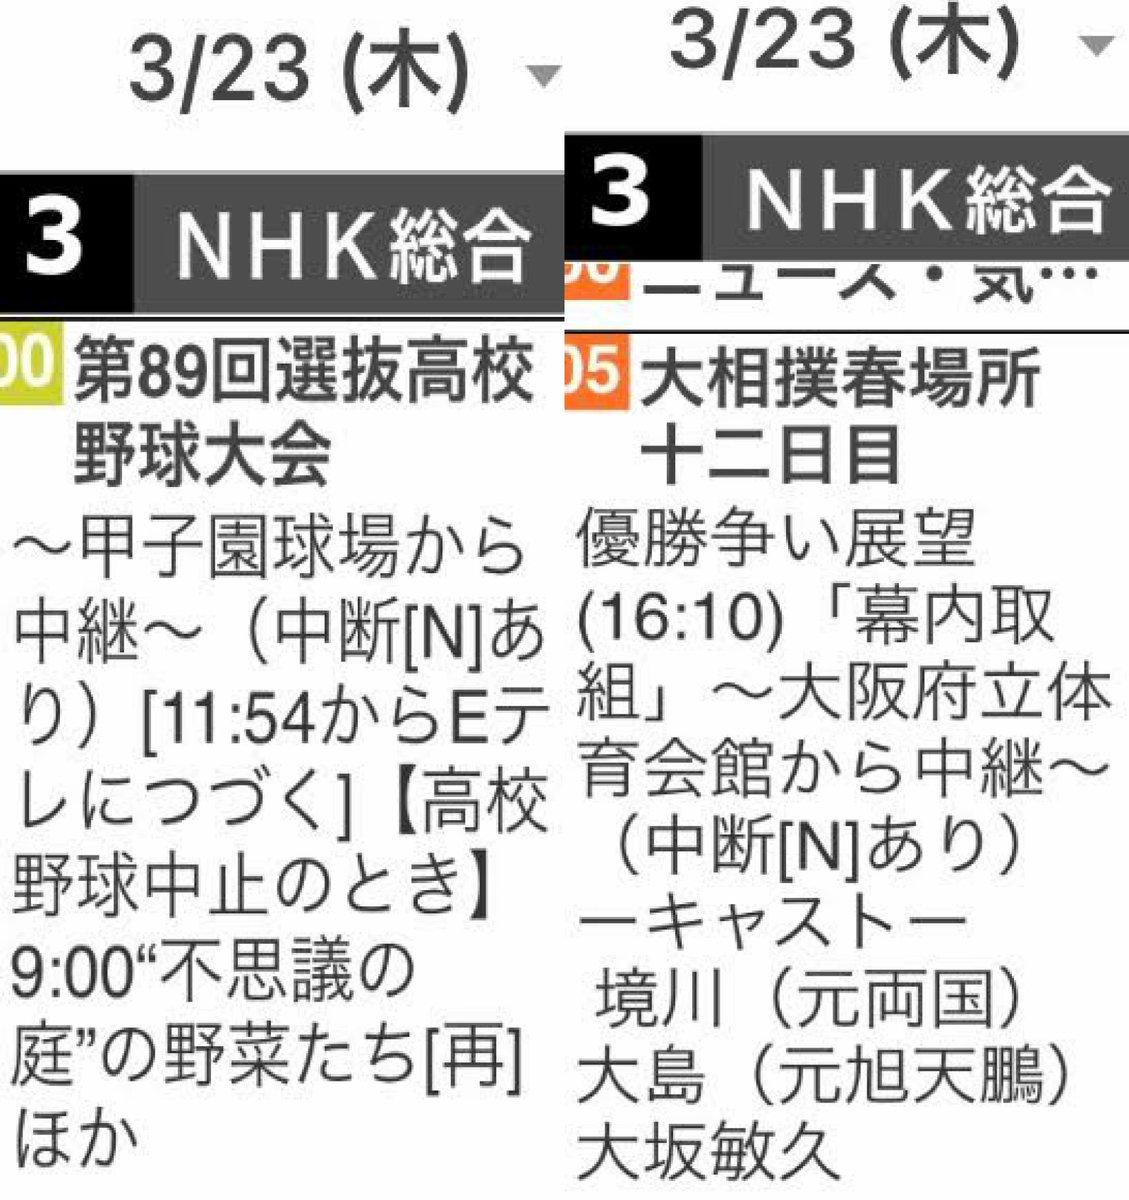 【ちょ、待てよ】NHKが「籠池証人喚問」中継をボイコットか!?甲子園・相撲を放送?石原喚問は生中継!